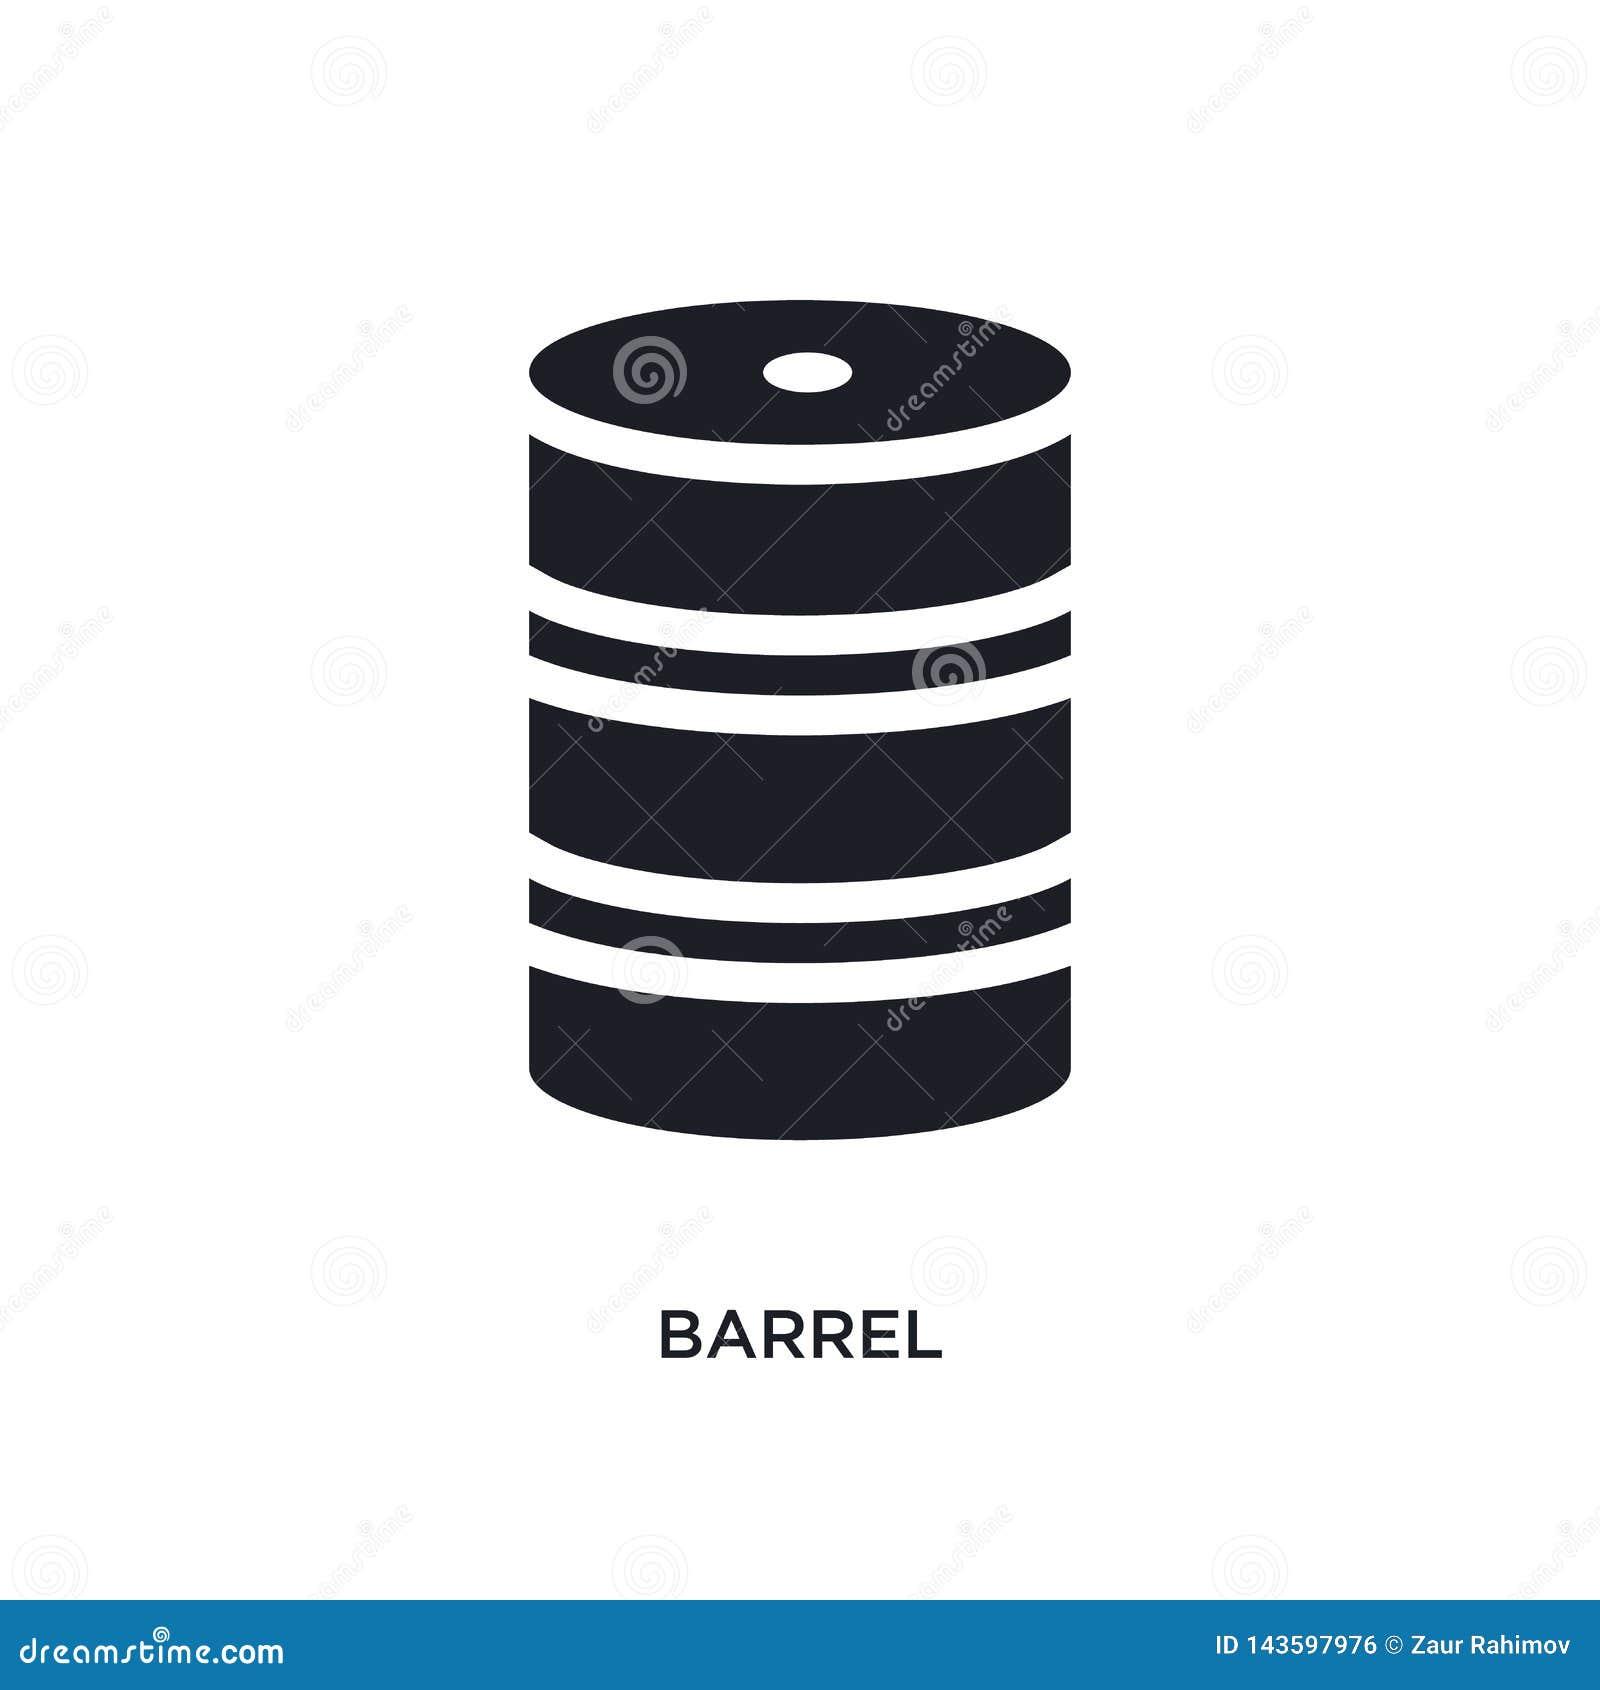 Czarnej baryłki odosobniona wektorowa ikona prosta element ilustracja od przemysłu pojęcia wektoru ikon lufowy editable logo symb